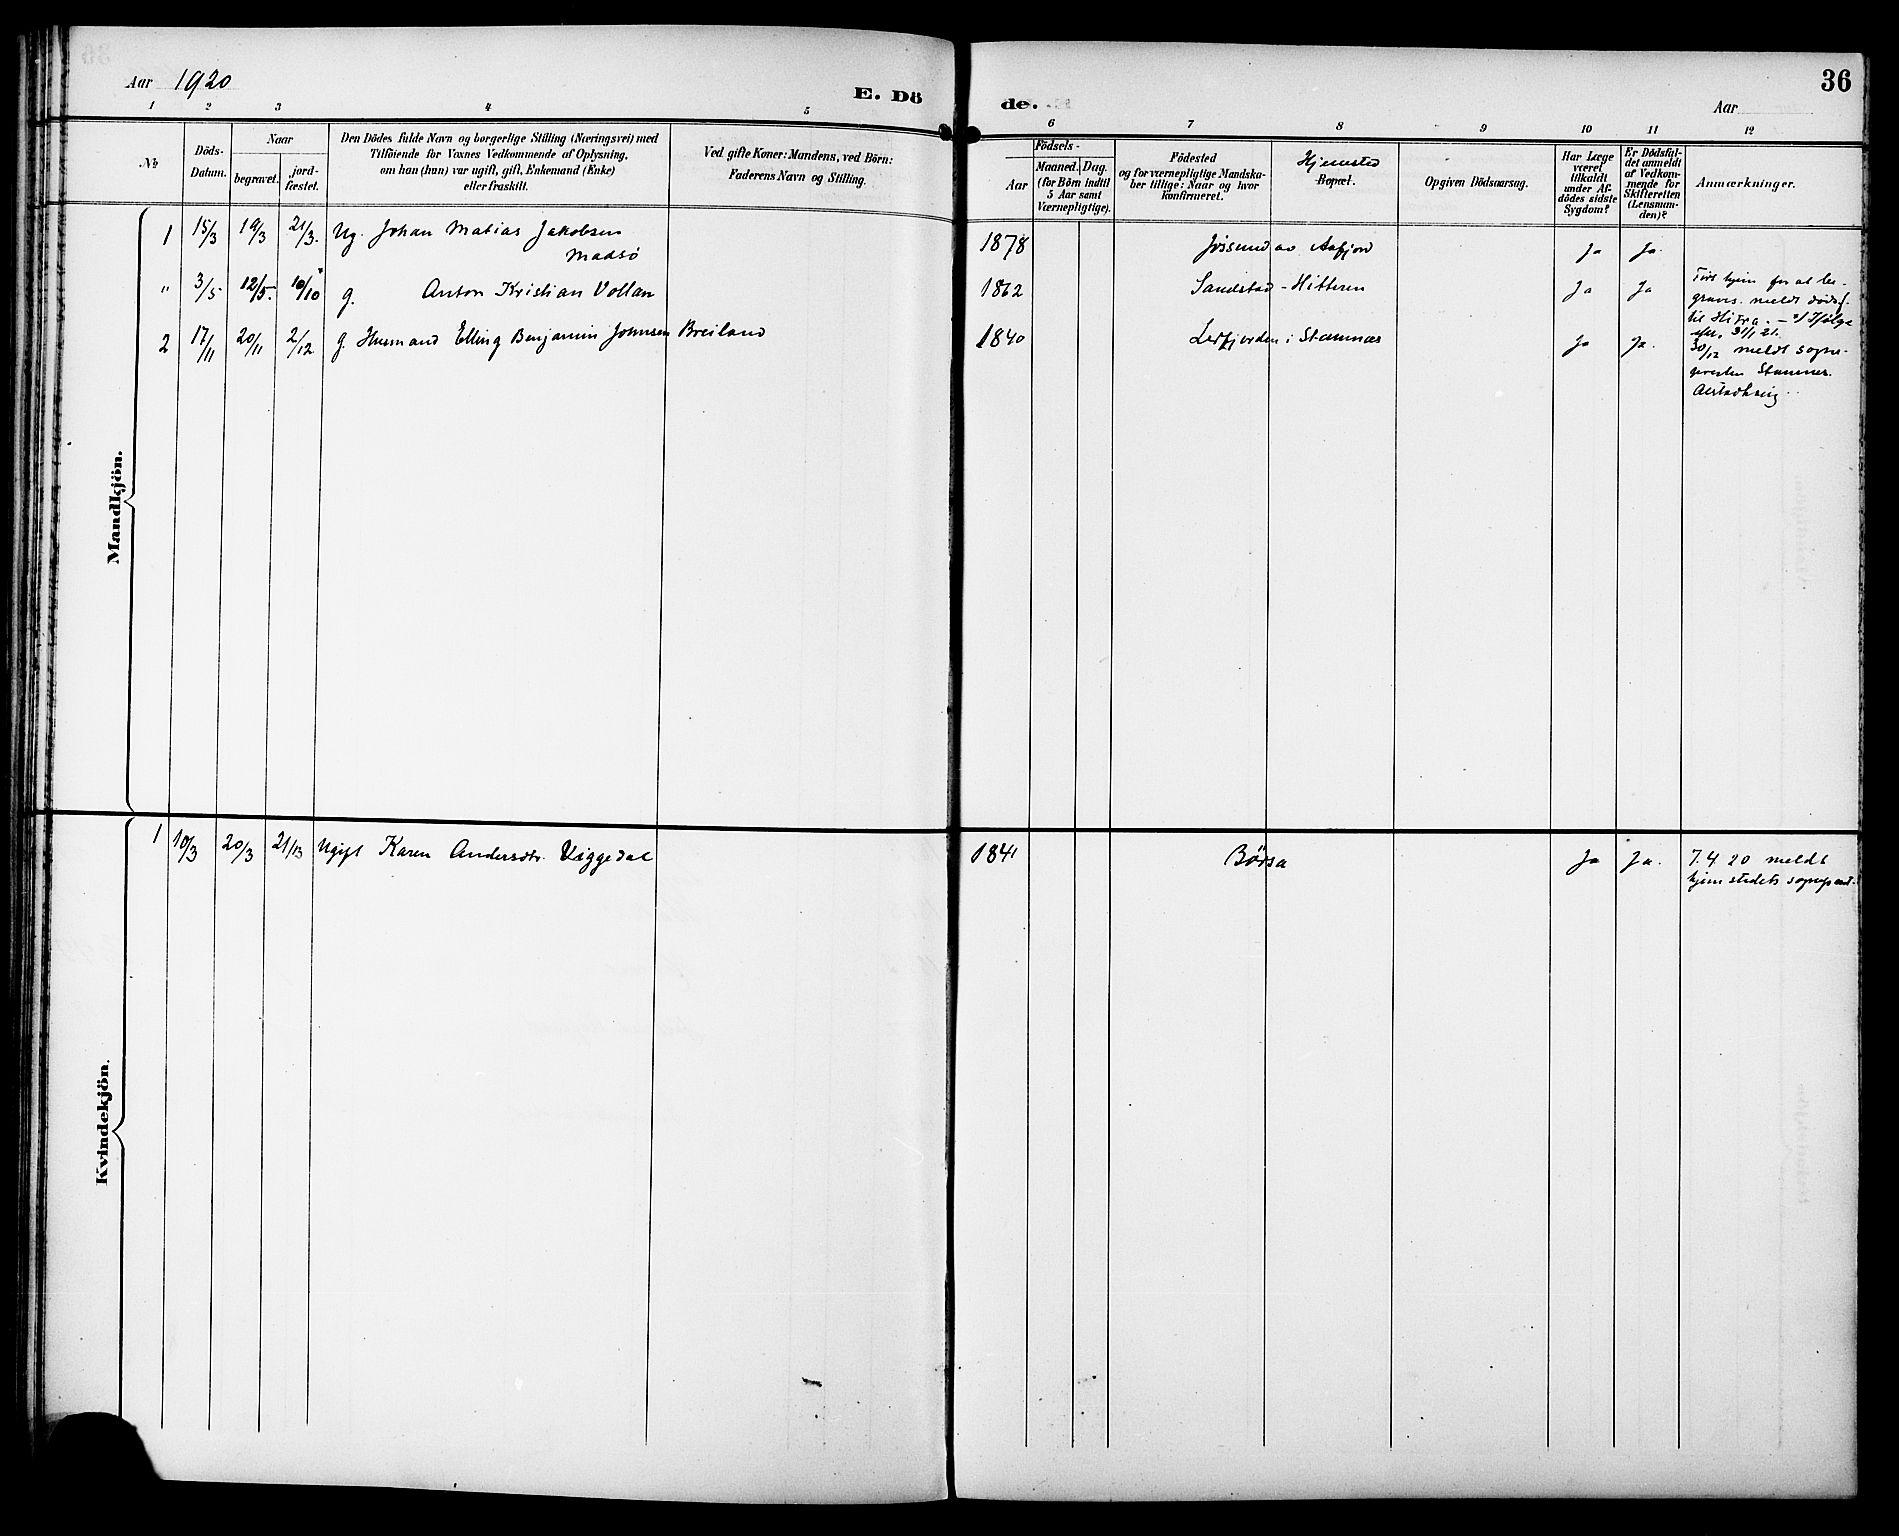 SAT, Ministerialprotokoller, klokkerbøker og fødselsregistre - Sør-Trøndelag, 629/L0486: Ministerialbok nr. 629A02, 1894-1919, s. 36